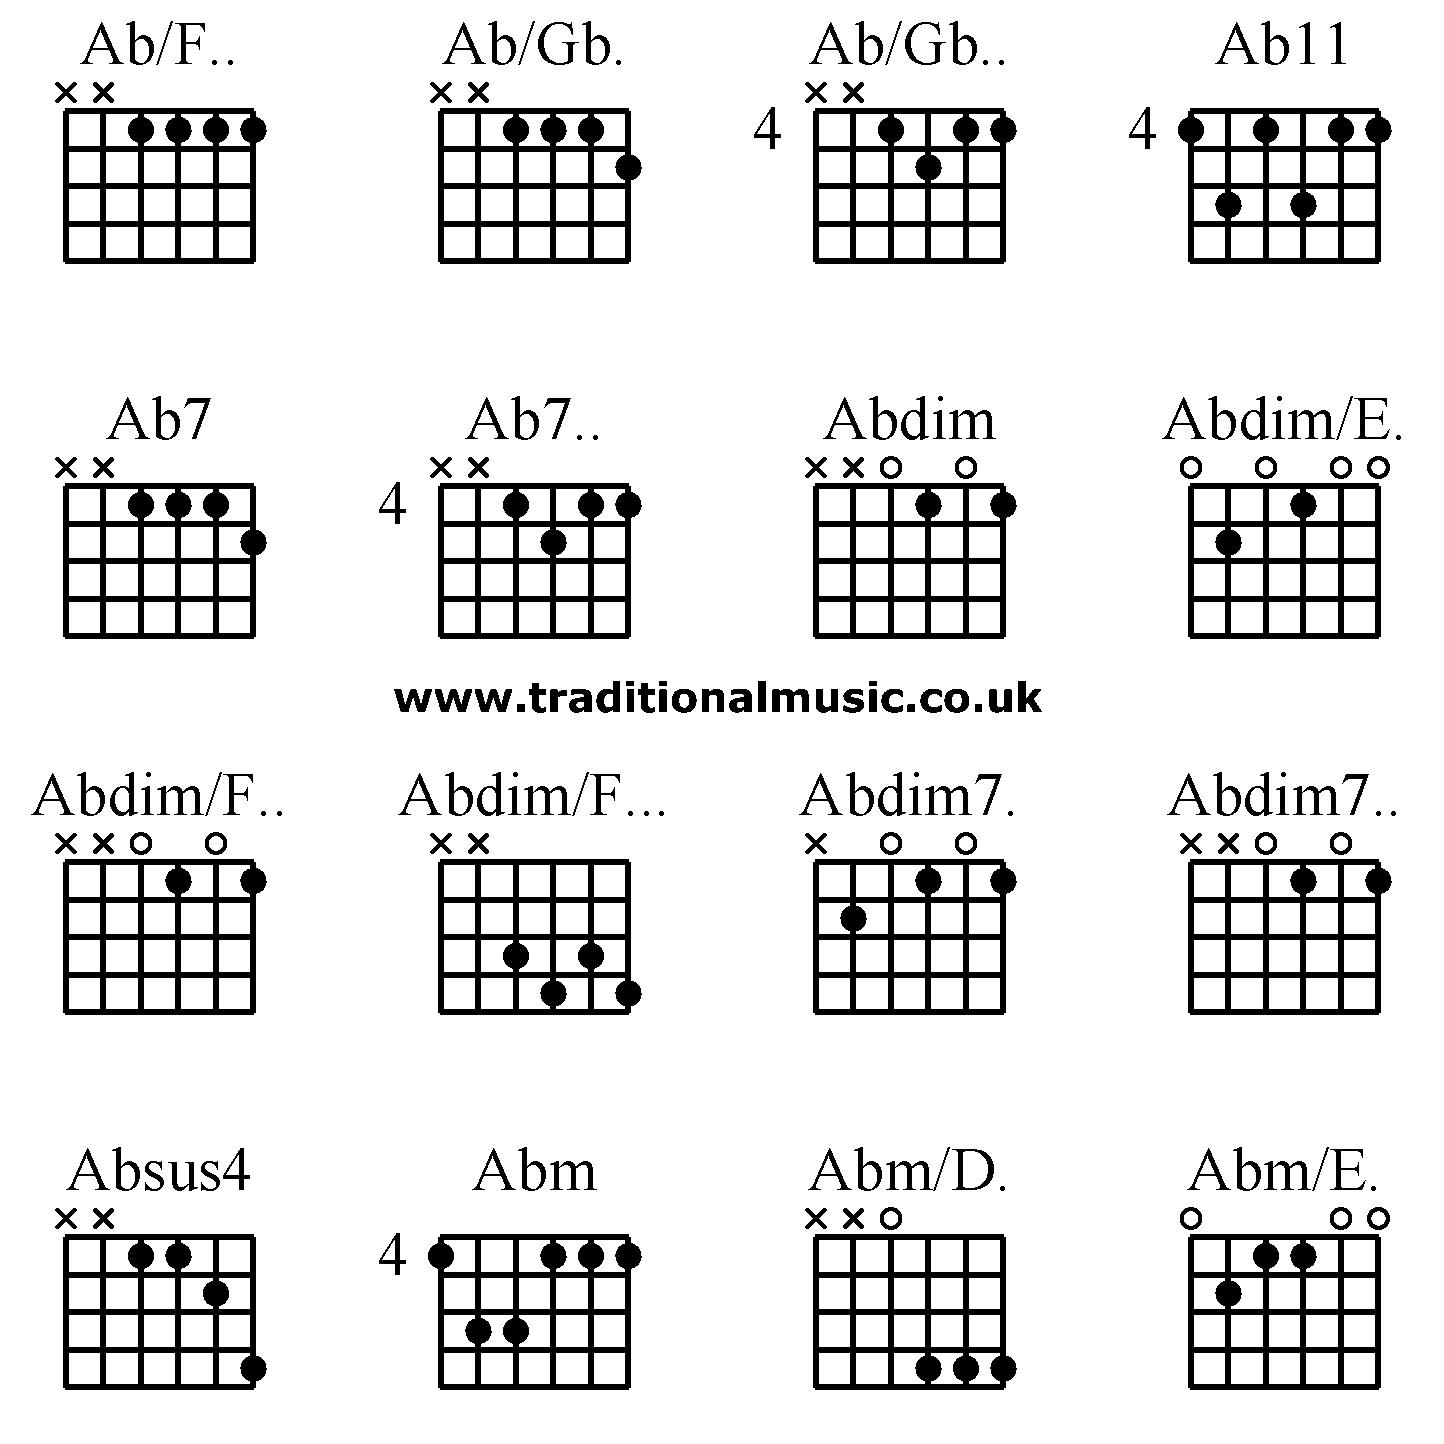 Schön E Gitarren Diagramm Fotos Der Schaltplan triangrefo